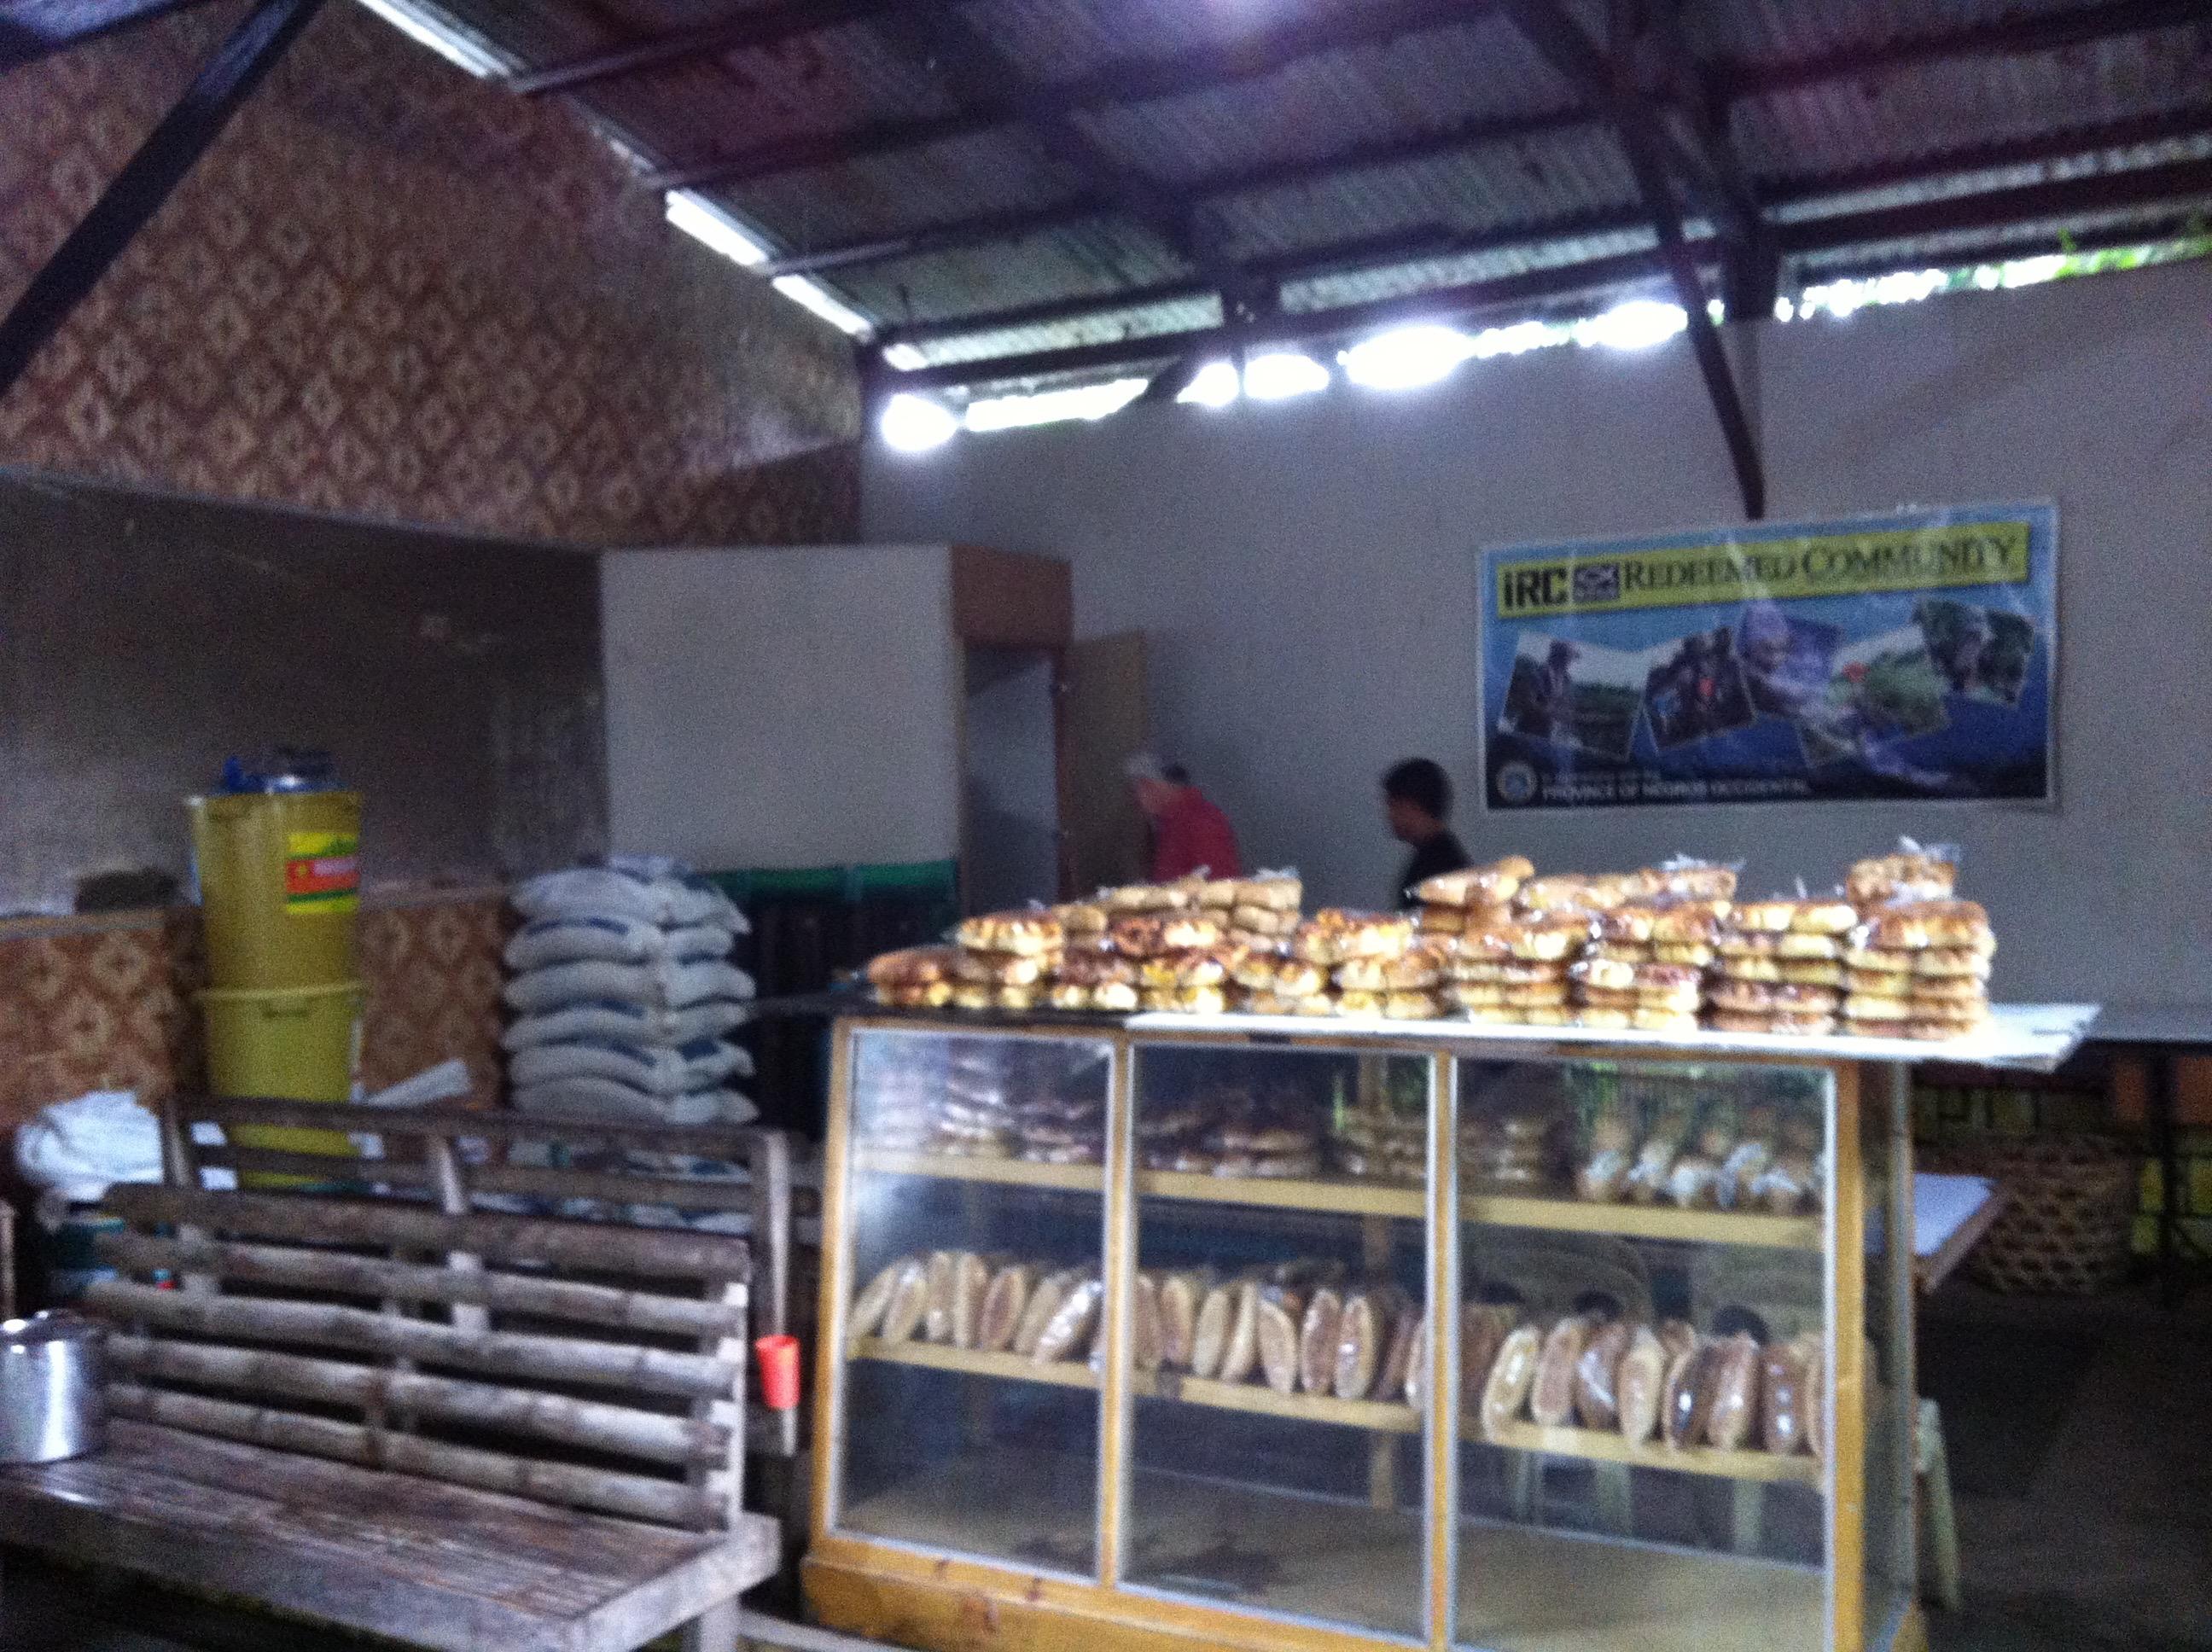 Hearts & Hands Community Bakery in full swing